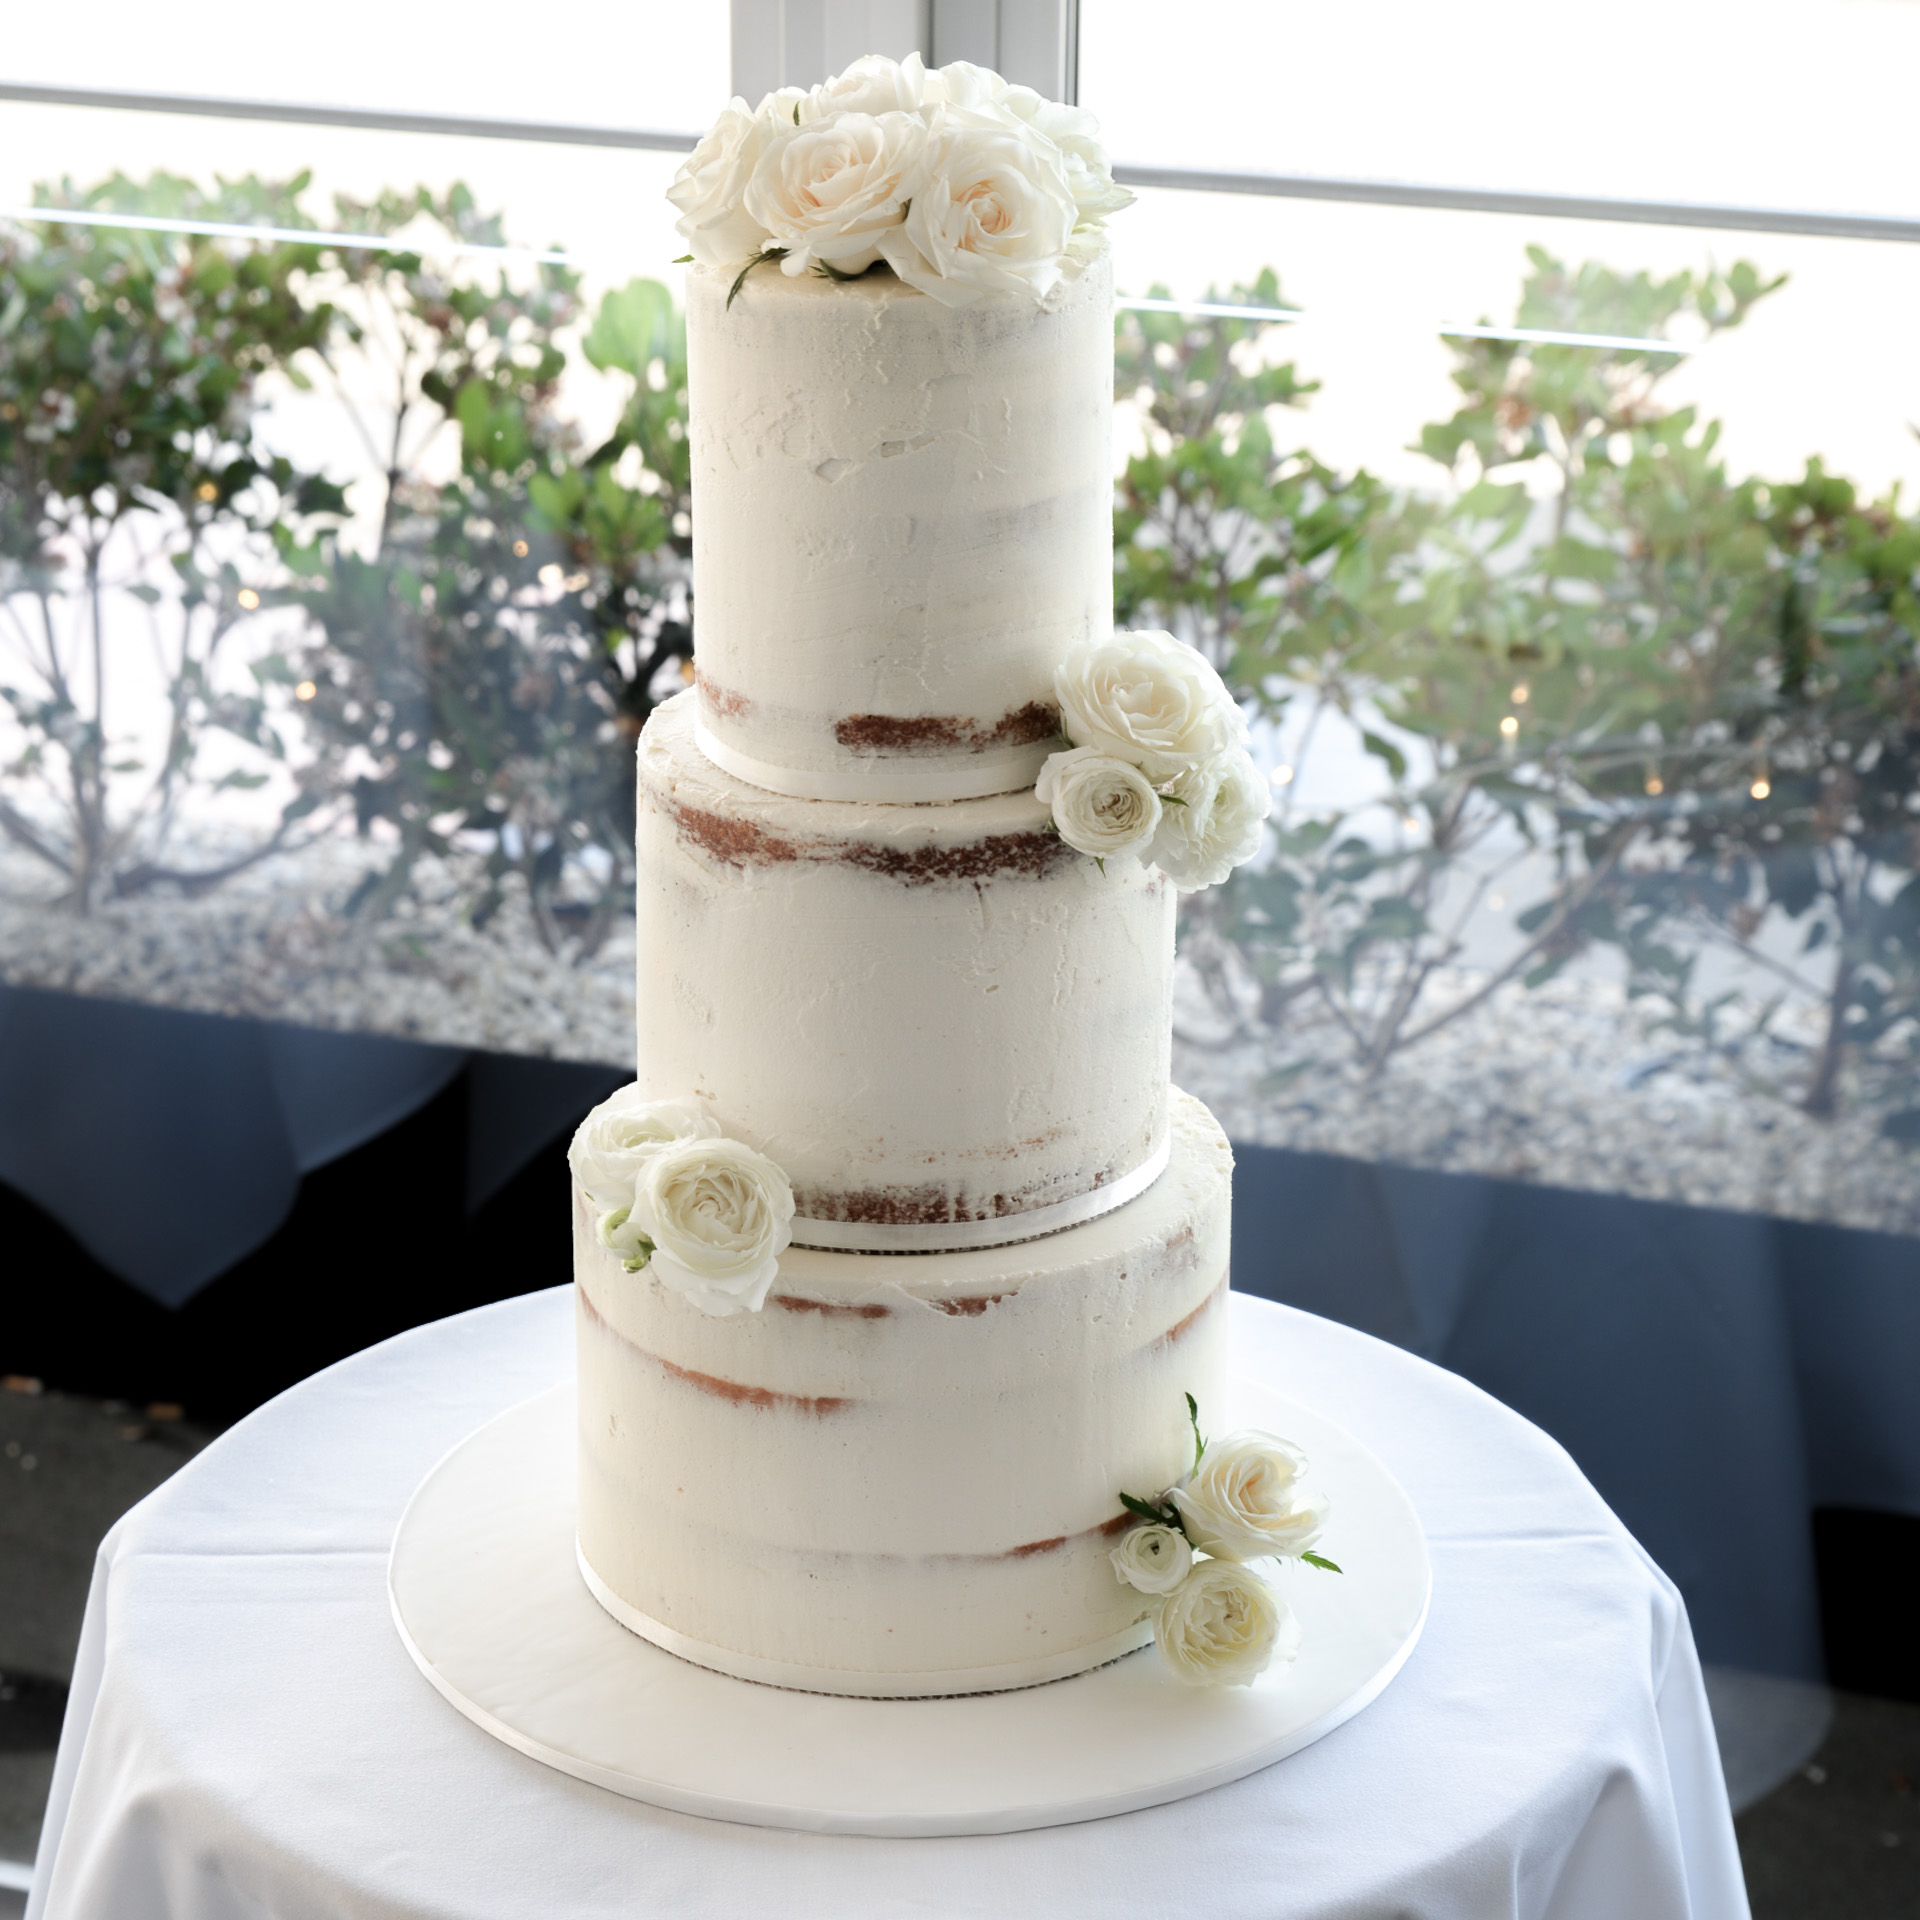 Butter-Cream-Semi-Naked-Wedding-Cake.jpg